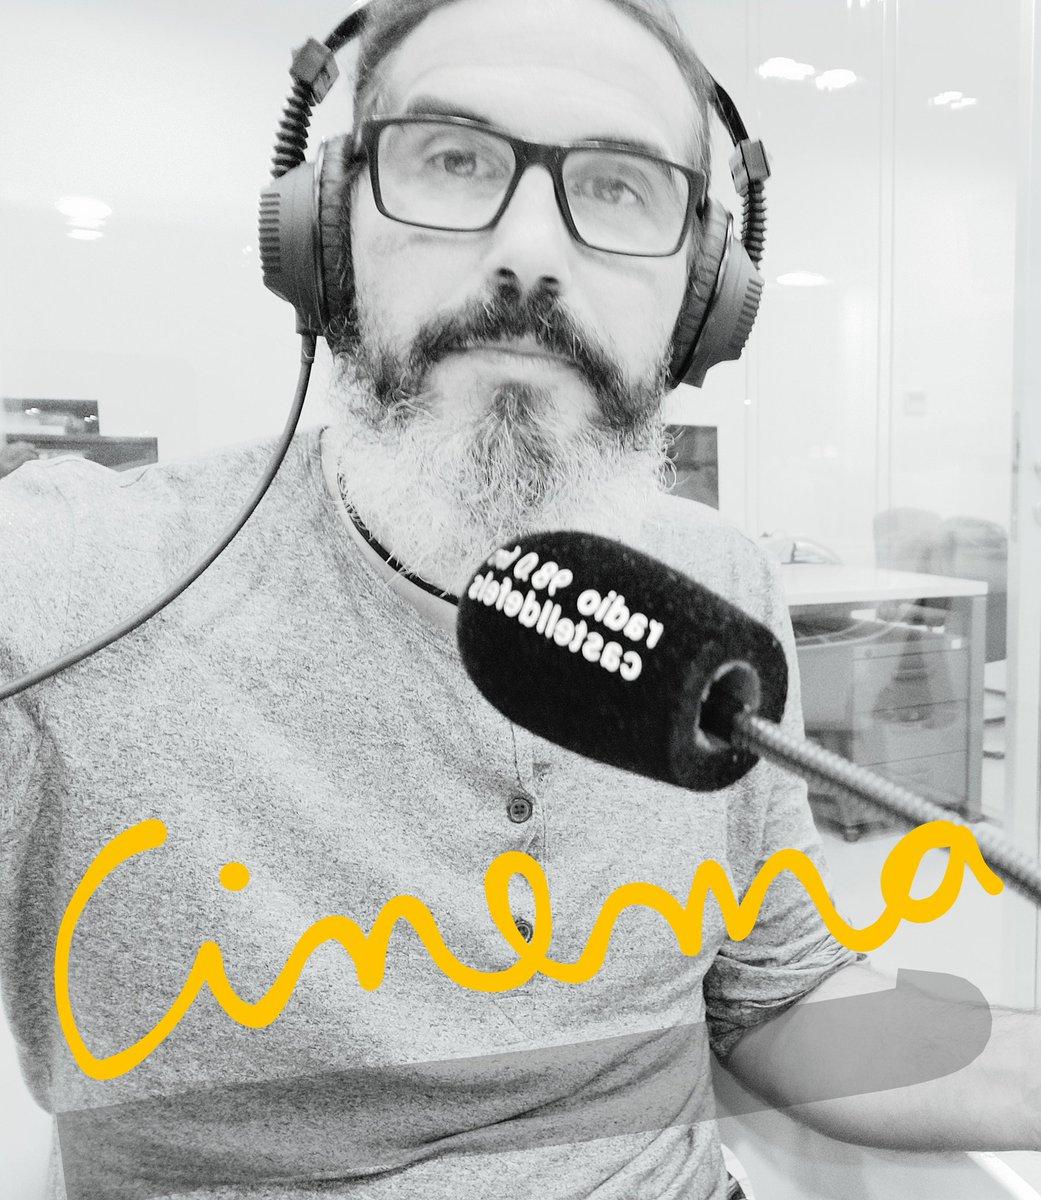 """Amb les sales de cinema tancades """"Fuera de Campo"""" continua #OnAir A @RadioCastelldef tots els divendres de 20 a 21h. #radio #cinema https://t.co/BdDyAX9rWF"""